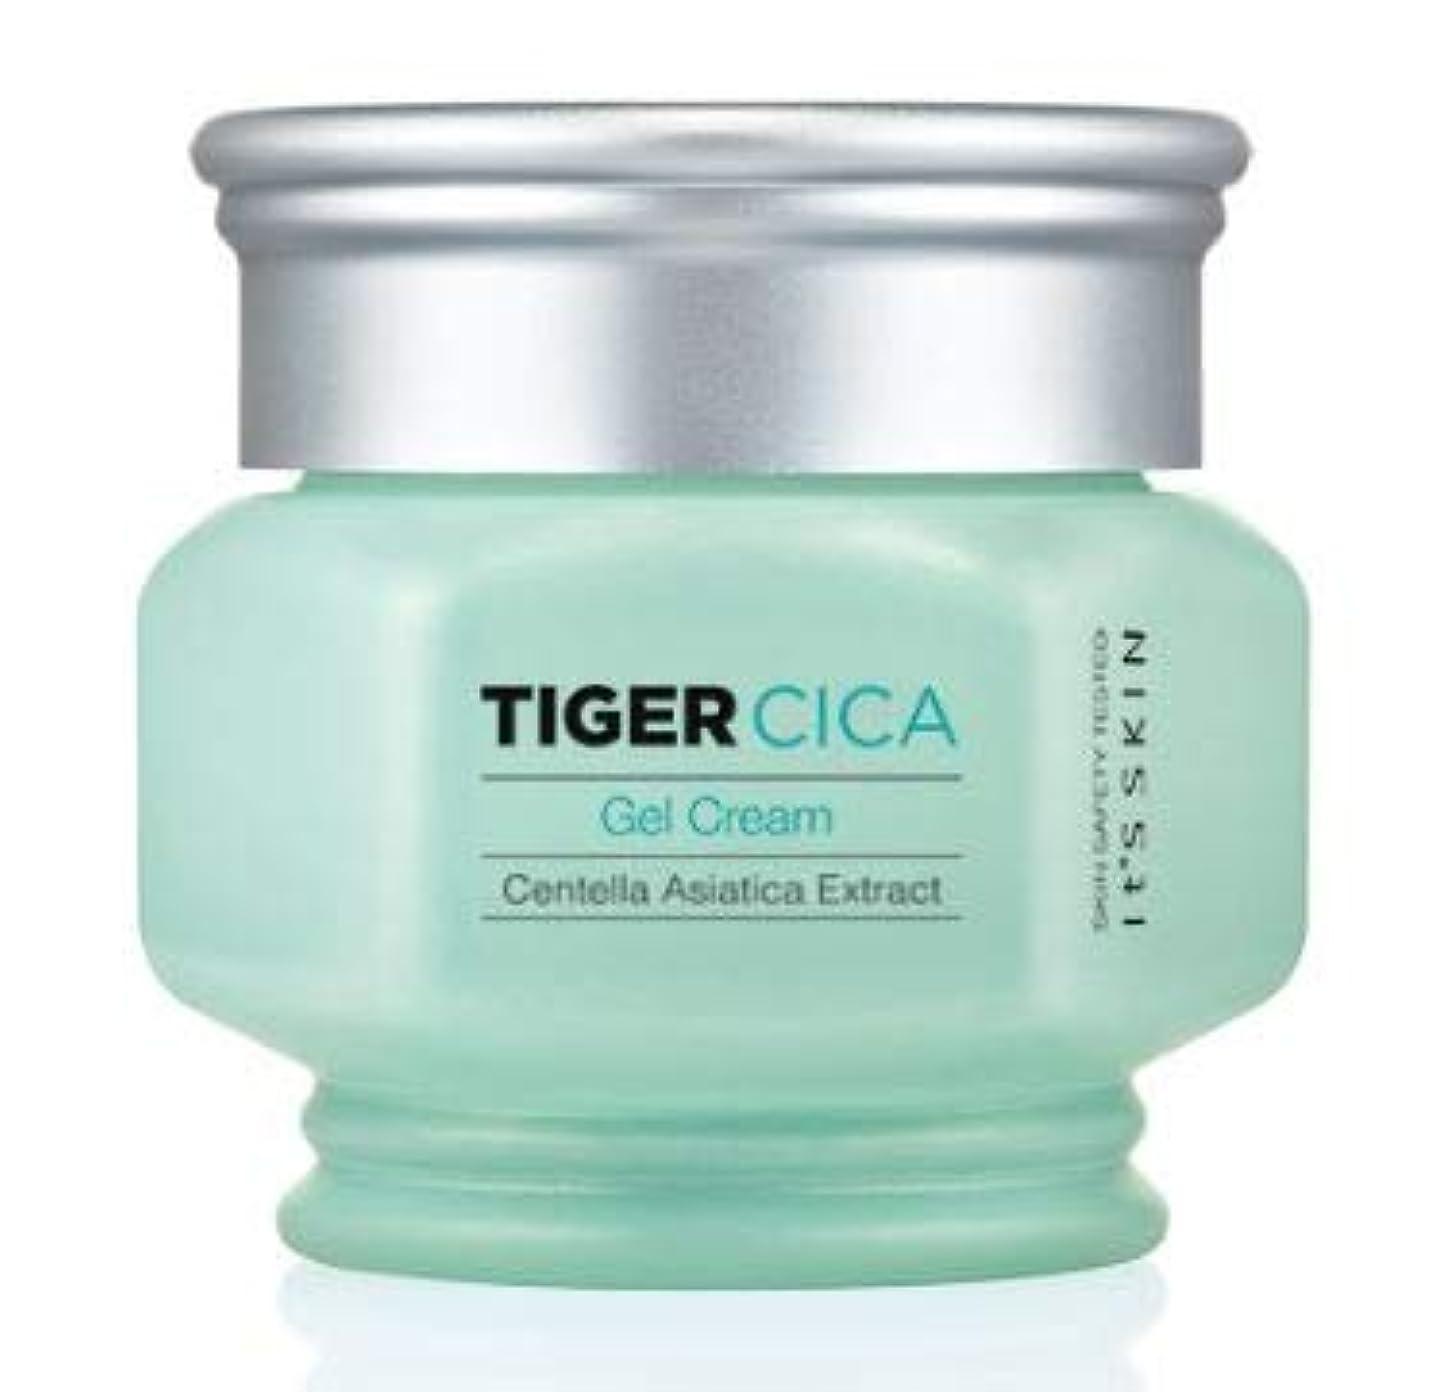 バー断言する法律により[It's Skin] Tiger Cica Gel Cream /[イッツスキン] タイガーシカ ジェル クリーム [並行輸入品]